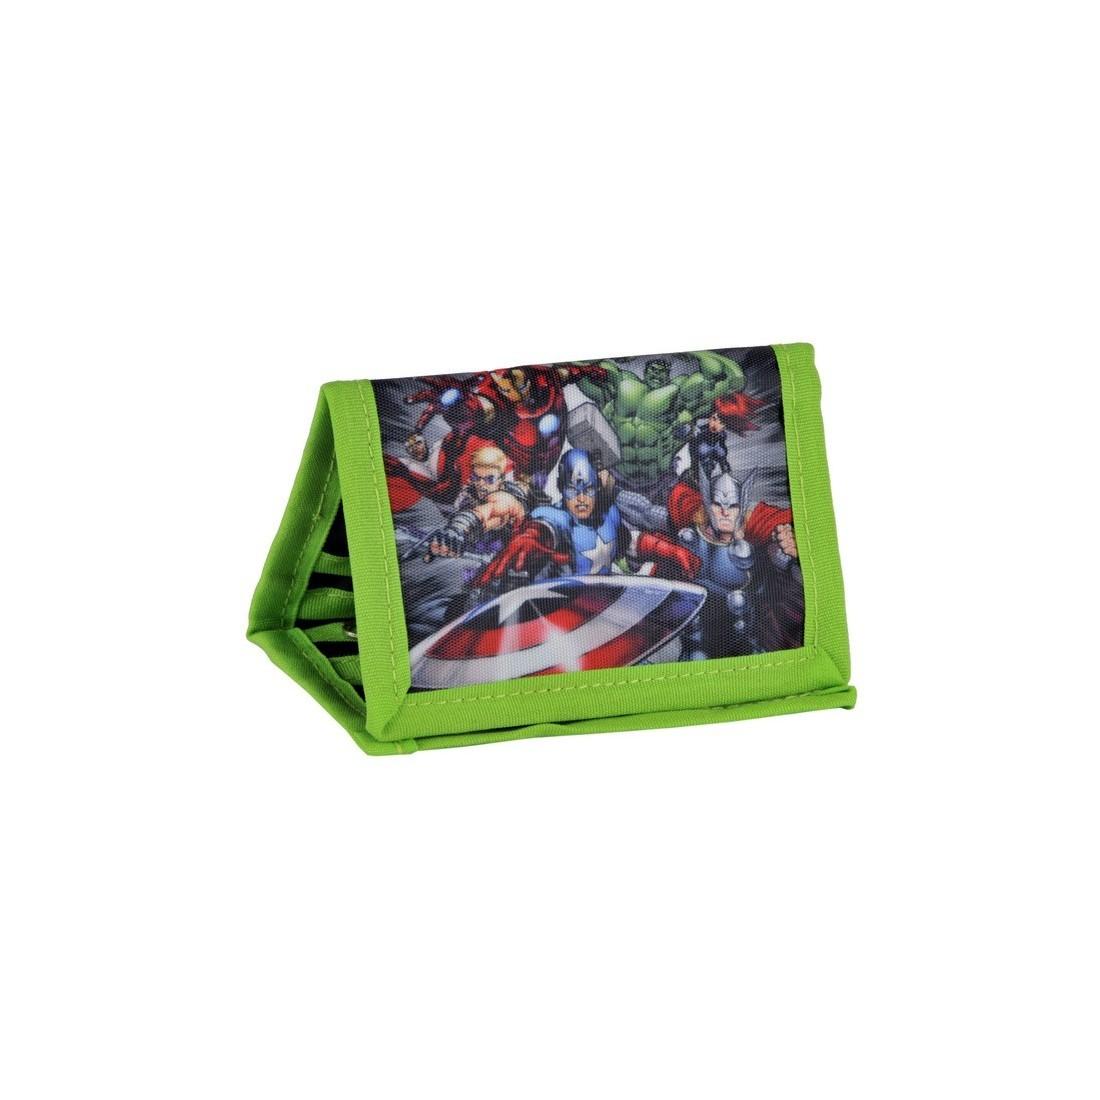 Portfel Avengers - plecak-tornister.pl